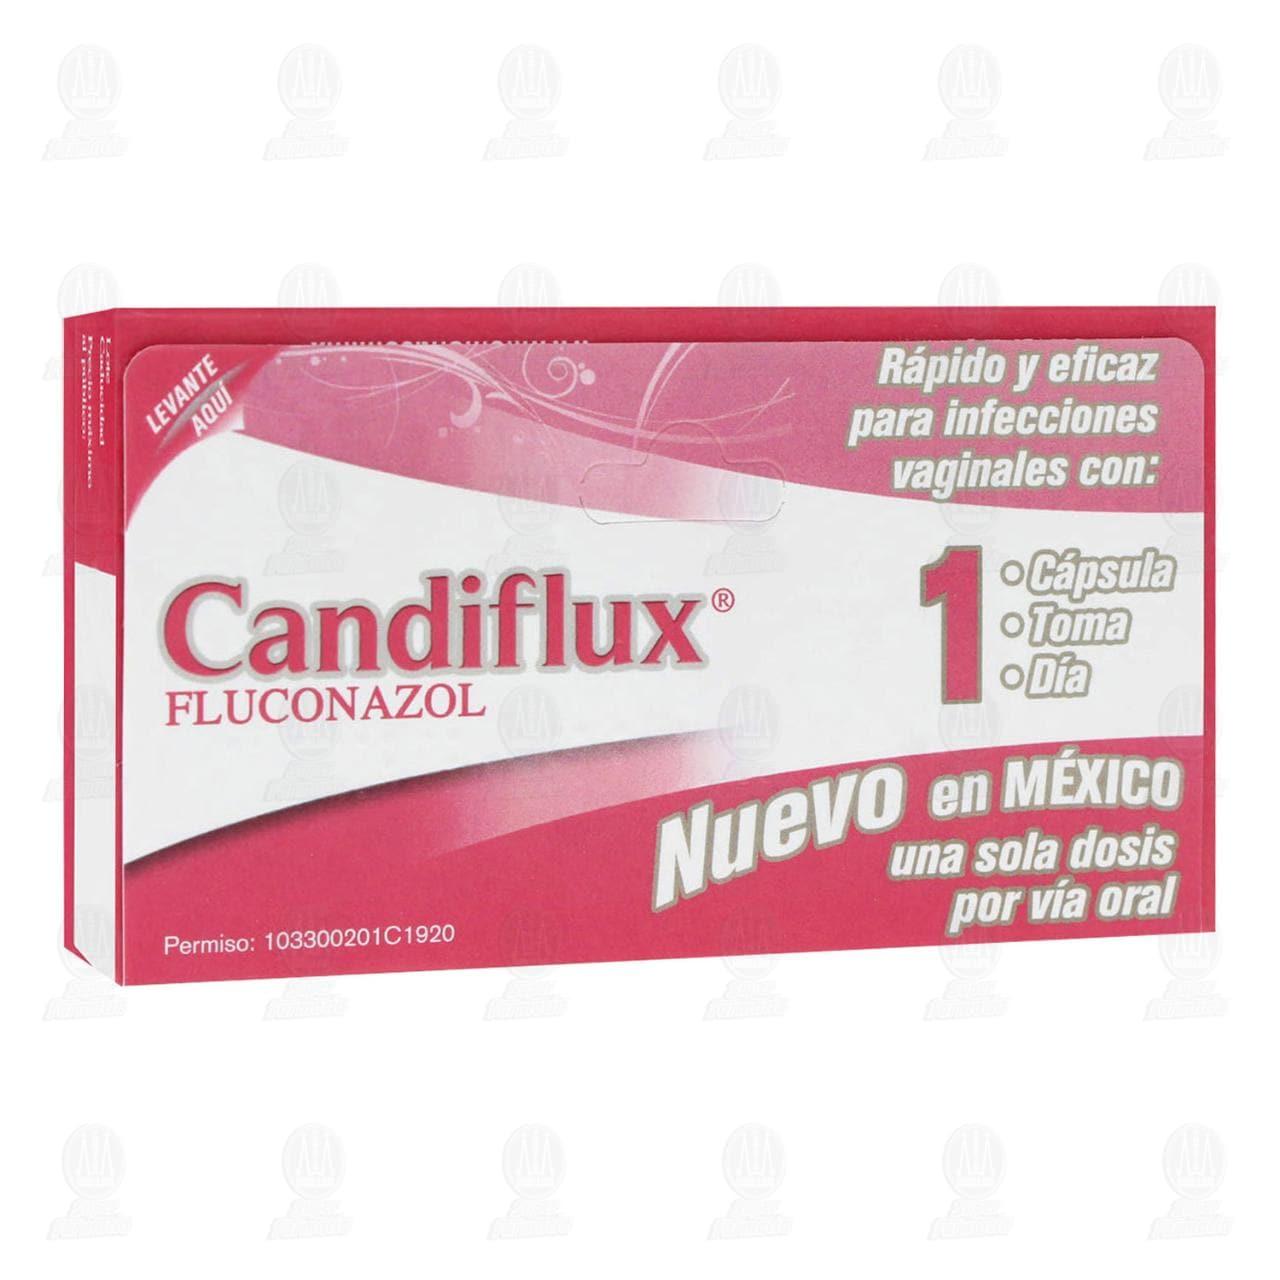 Comprar Candiflux 1 Cápsula en Farmacias Guadalajara